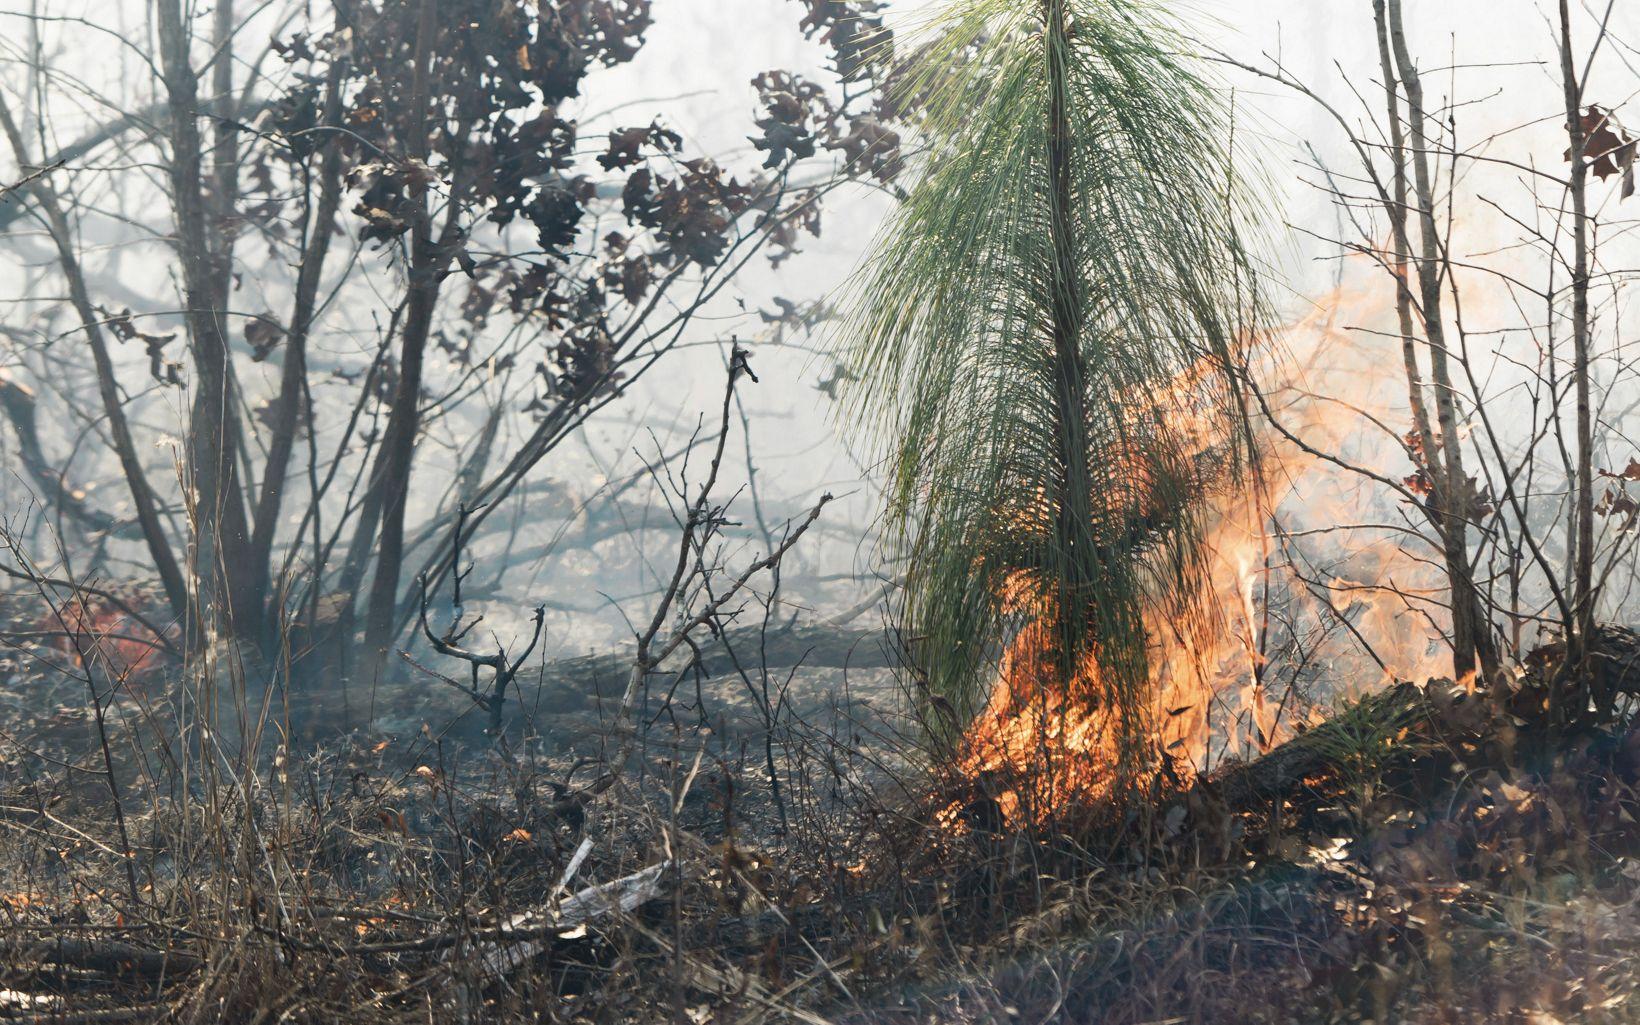 A burning pine seedling.